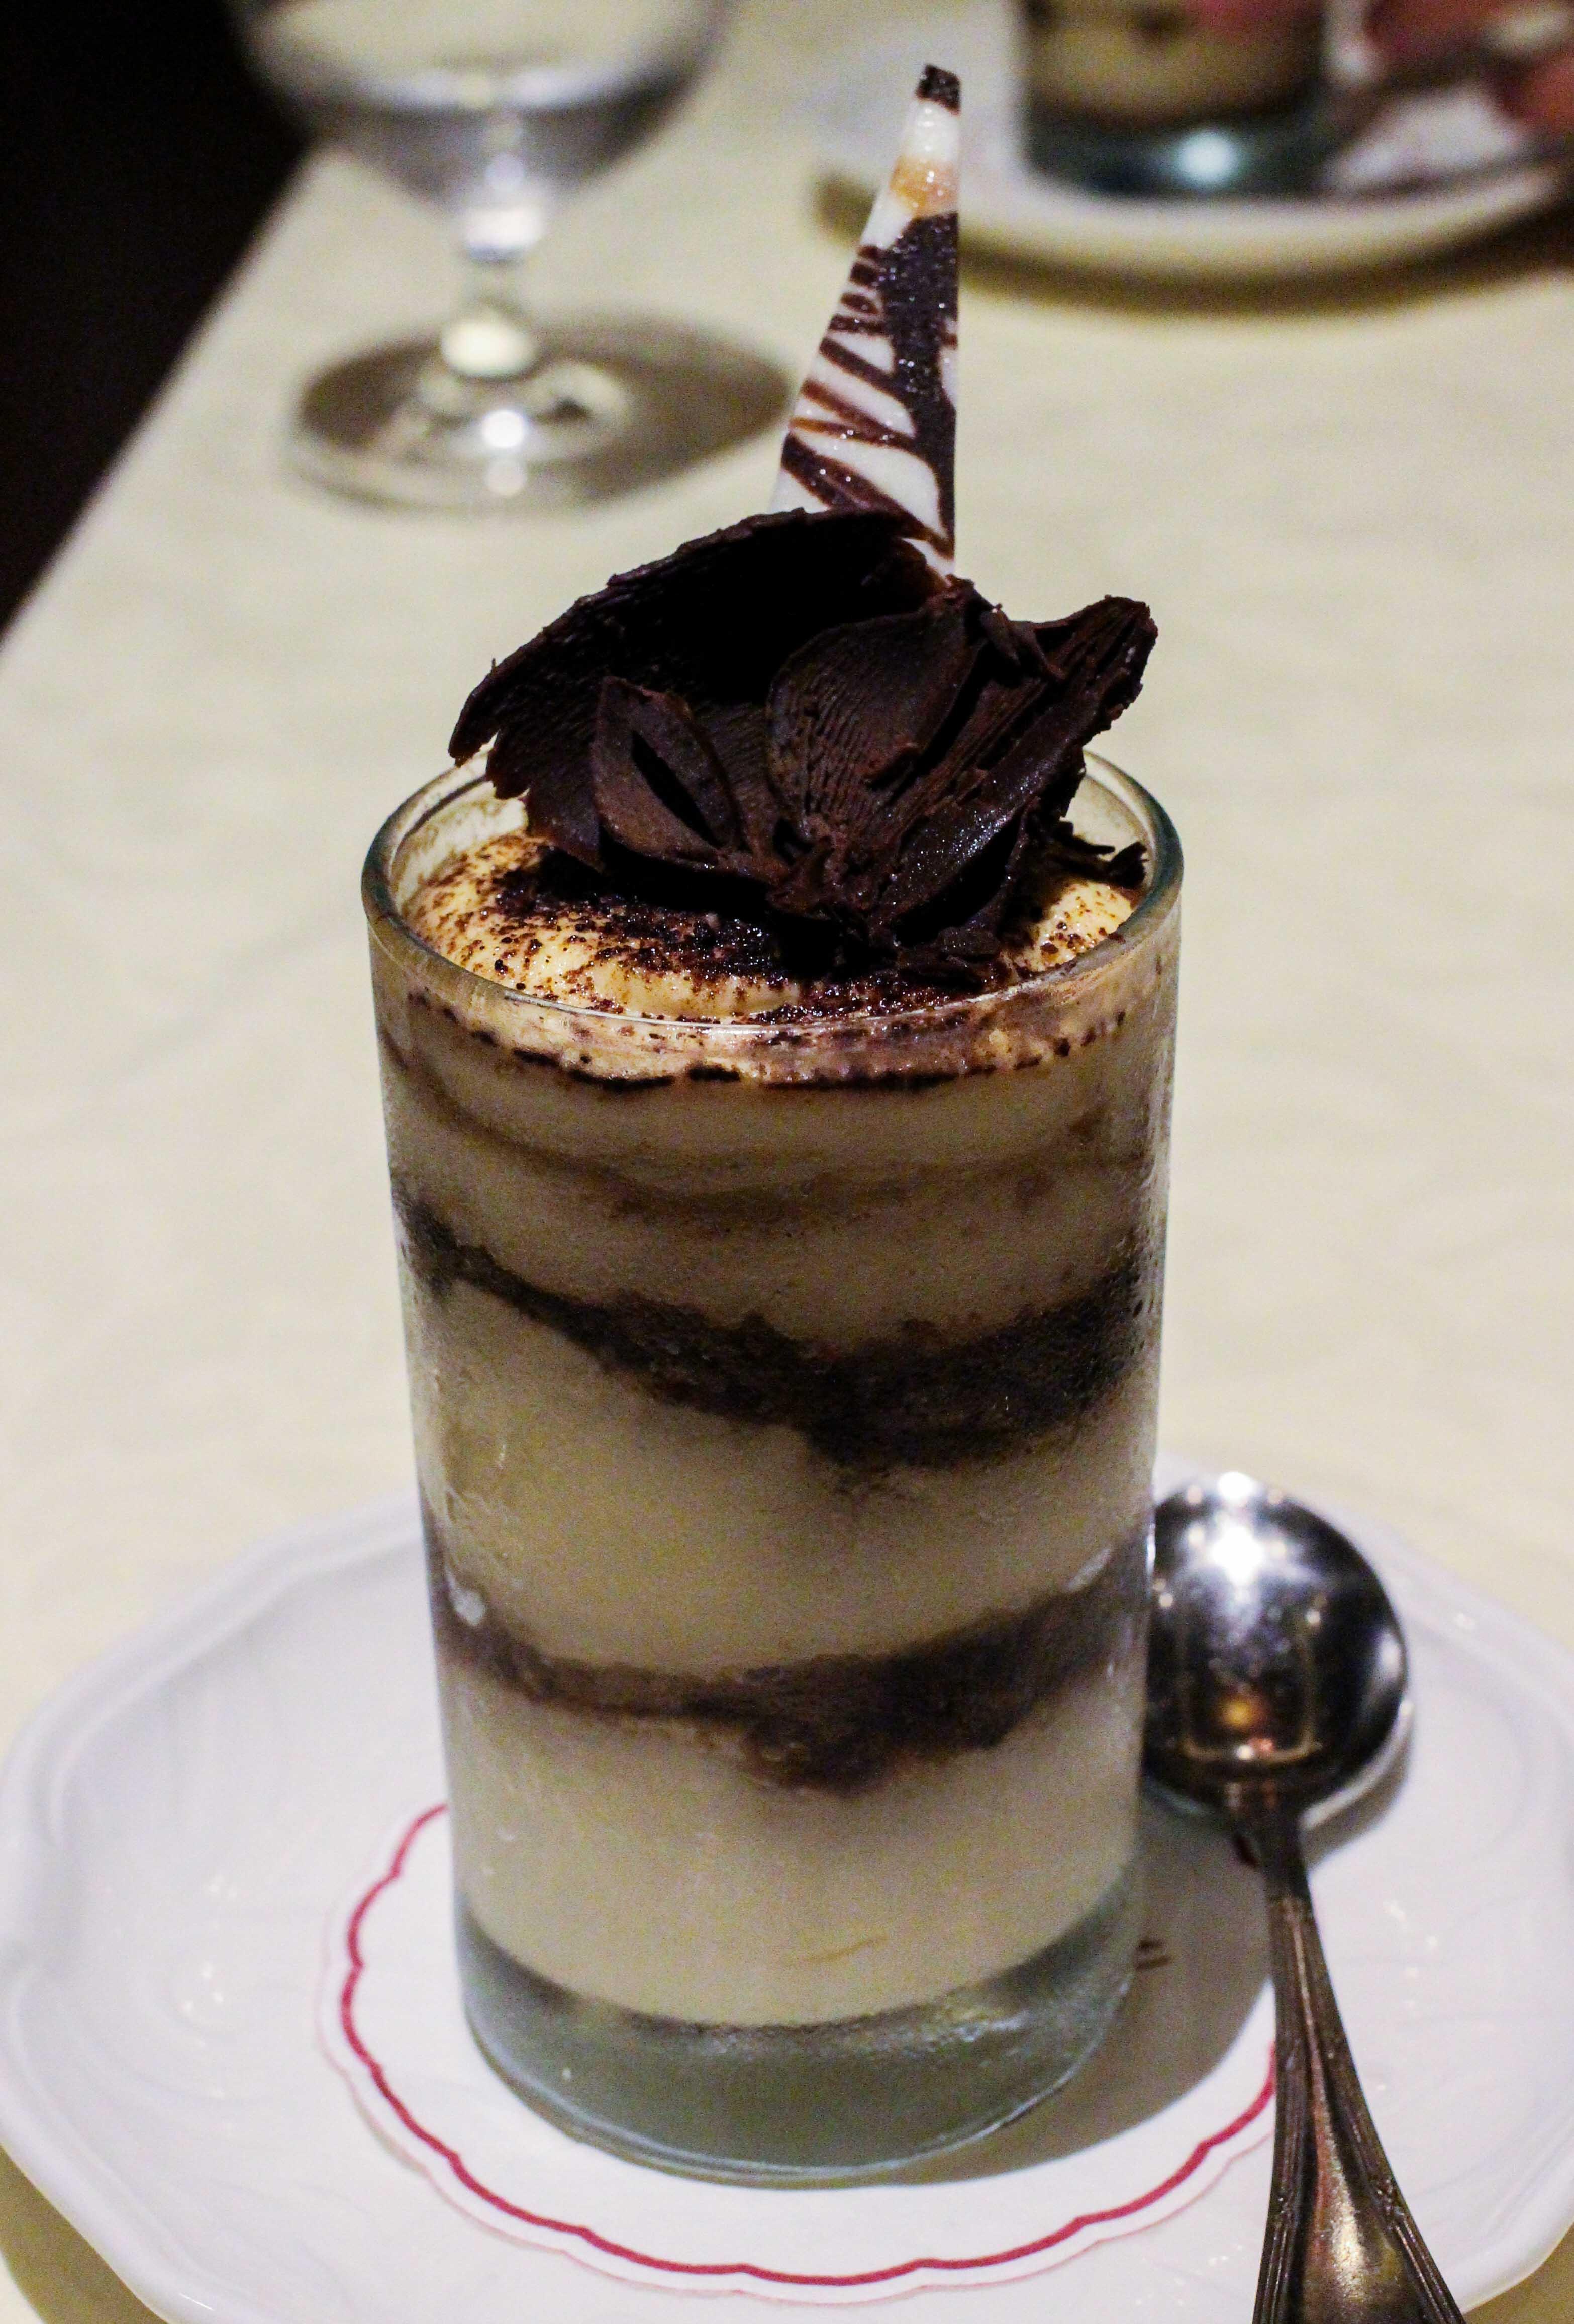 Warwick Hotel Doha Restaurant italienisch Tiramisu Luxushotel 5 Sterne Hotel Qatar Reiseblog